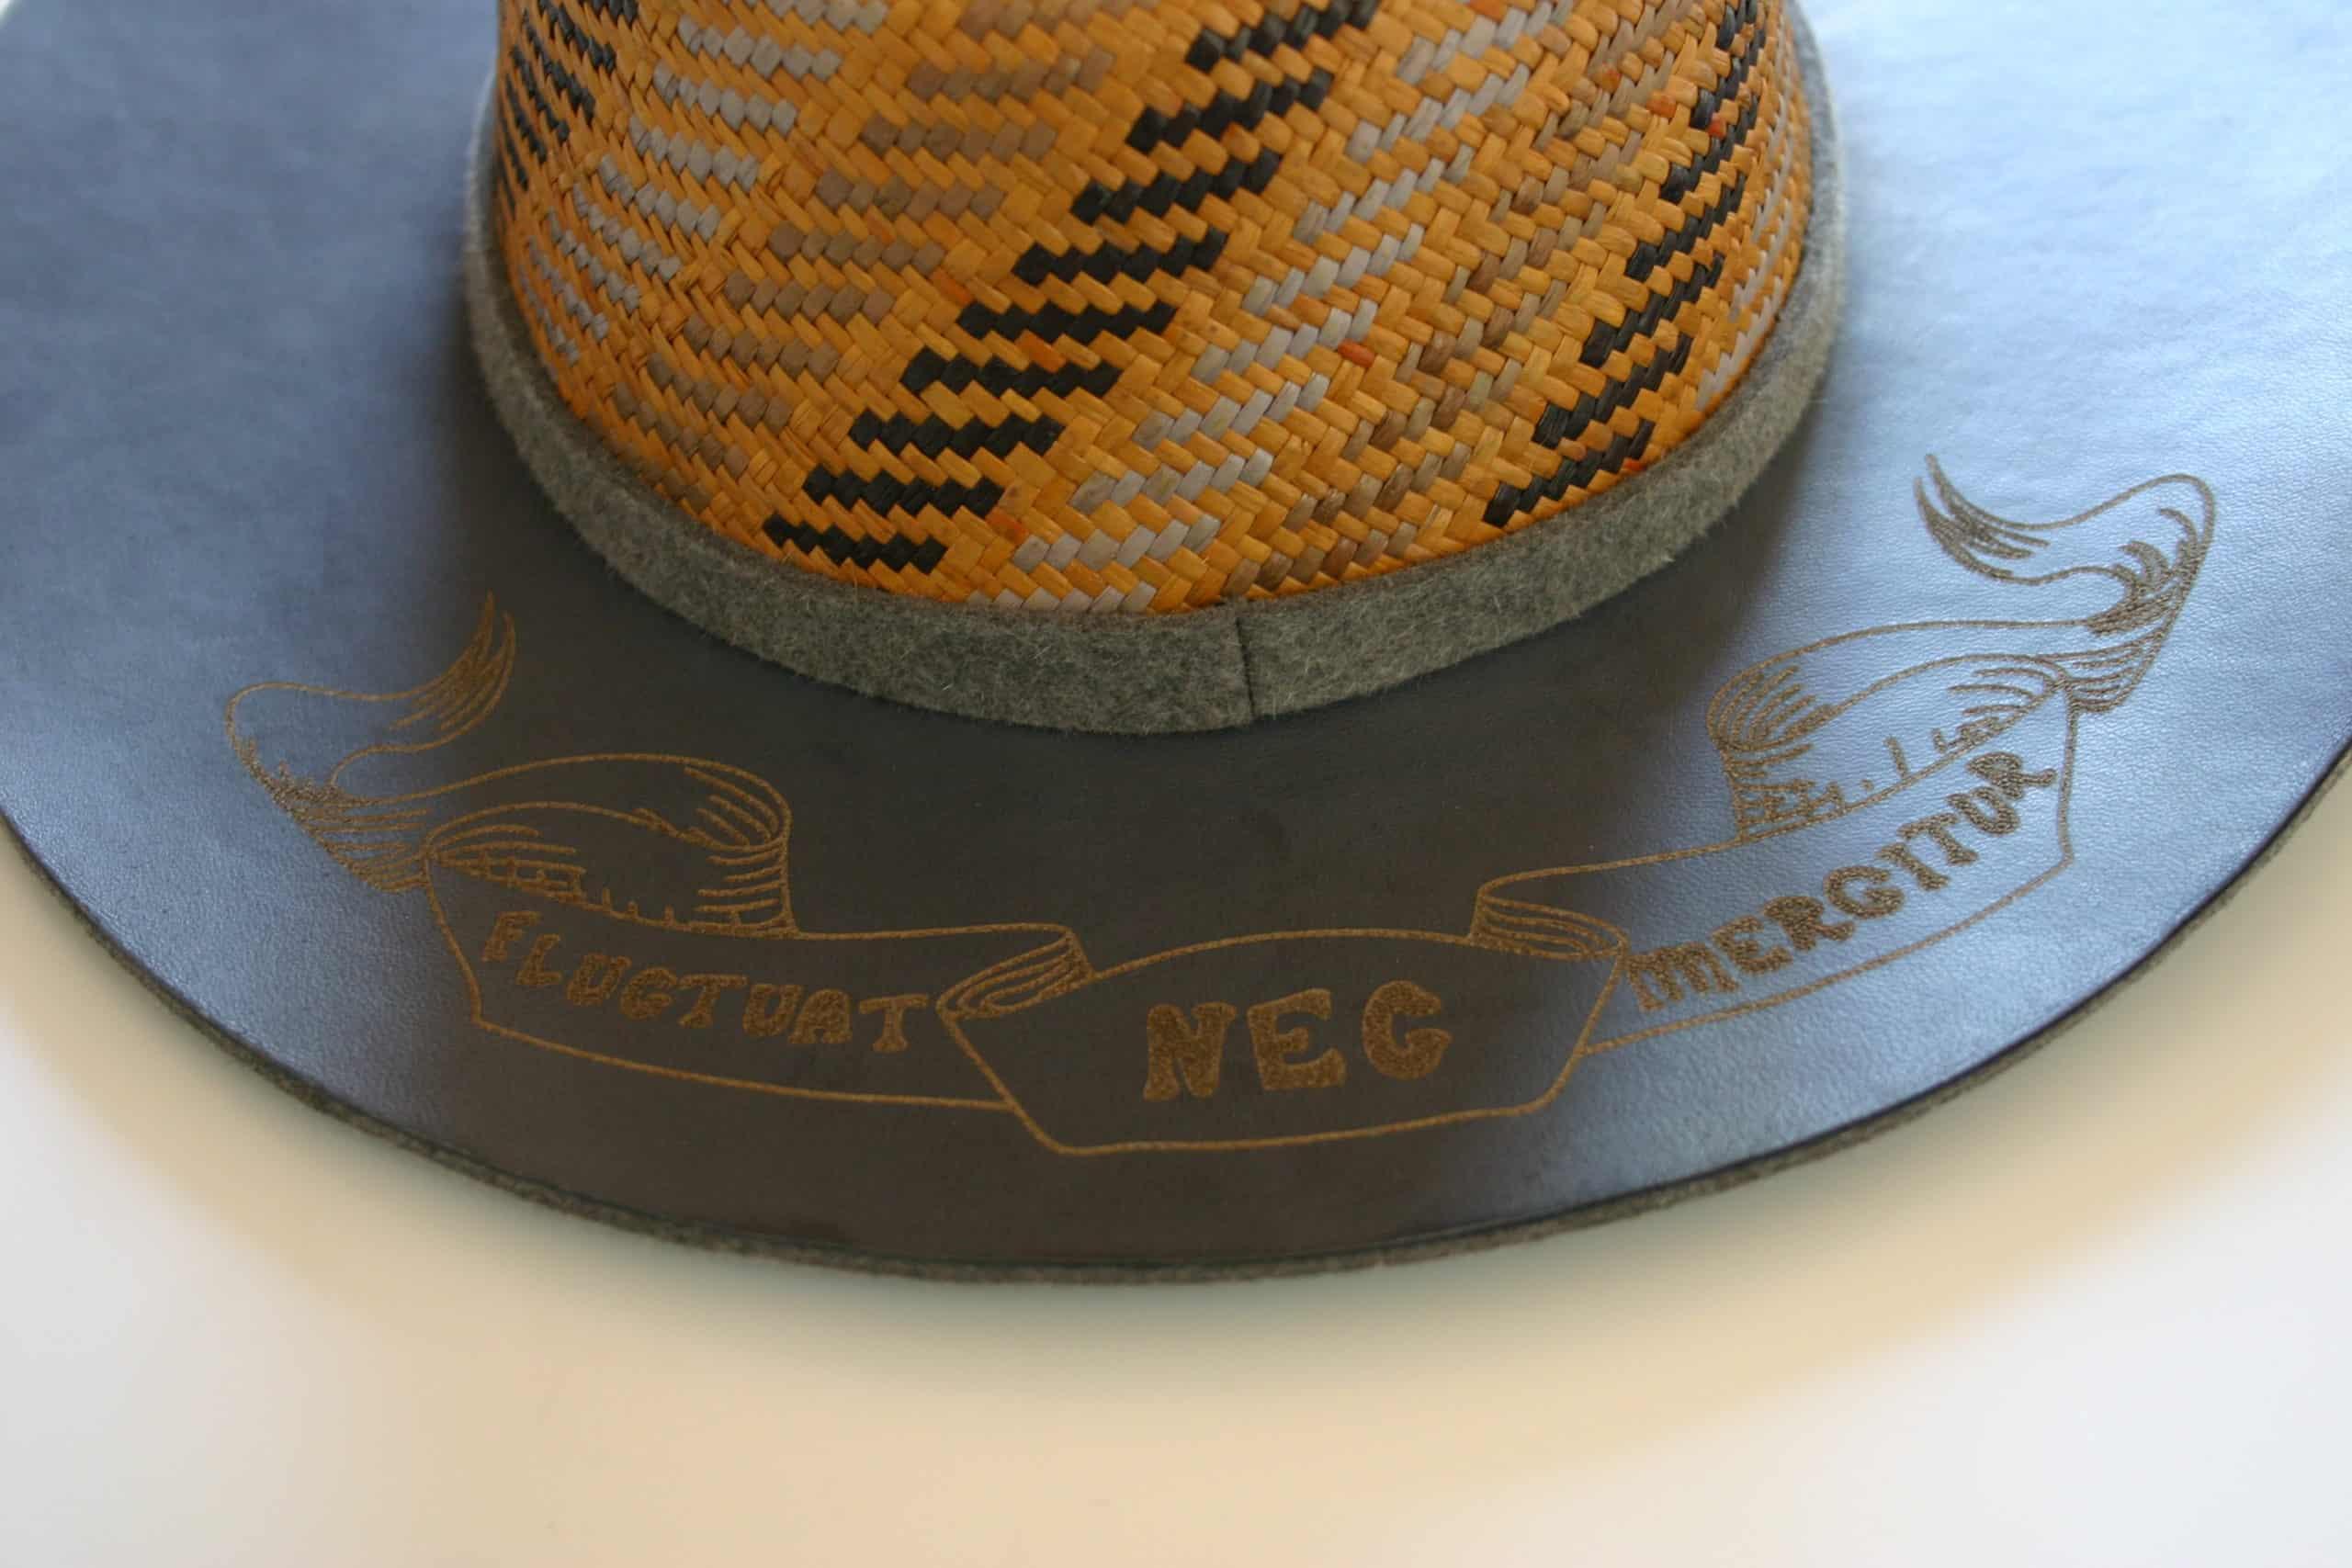 chapeau paris cuir panama feutre paille minime paris fluctuat